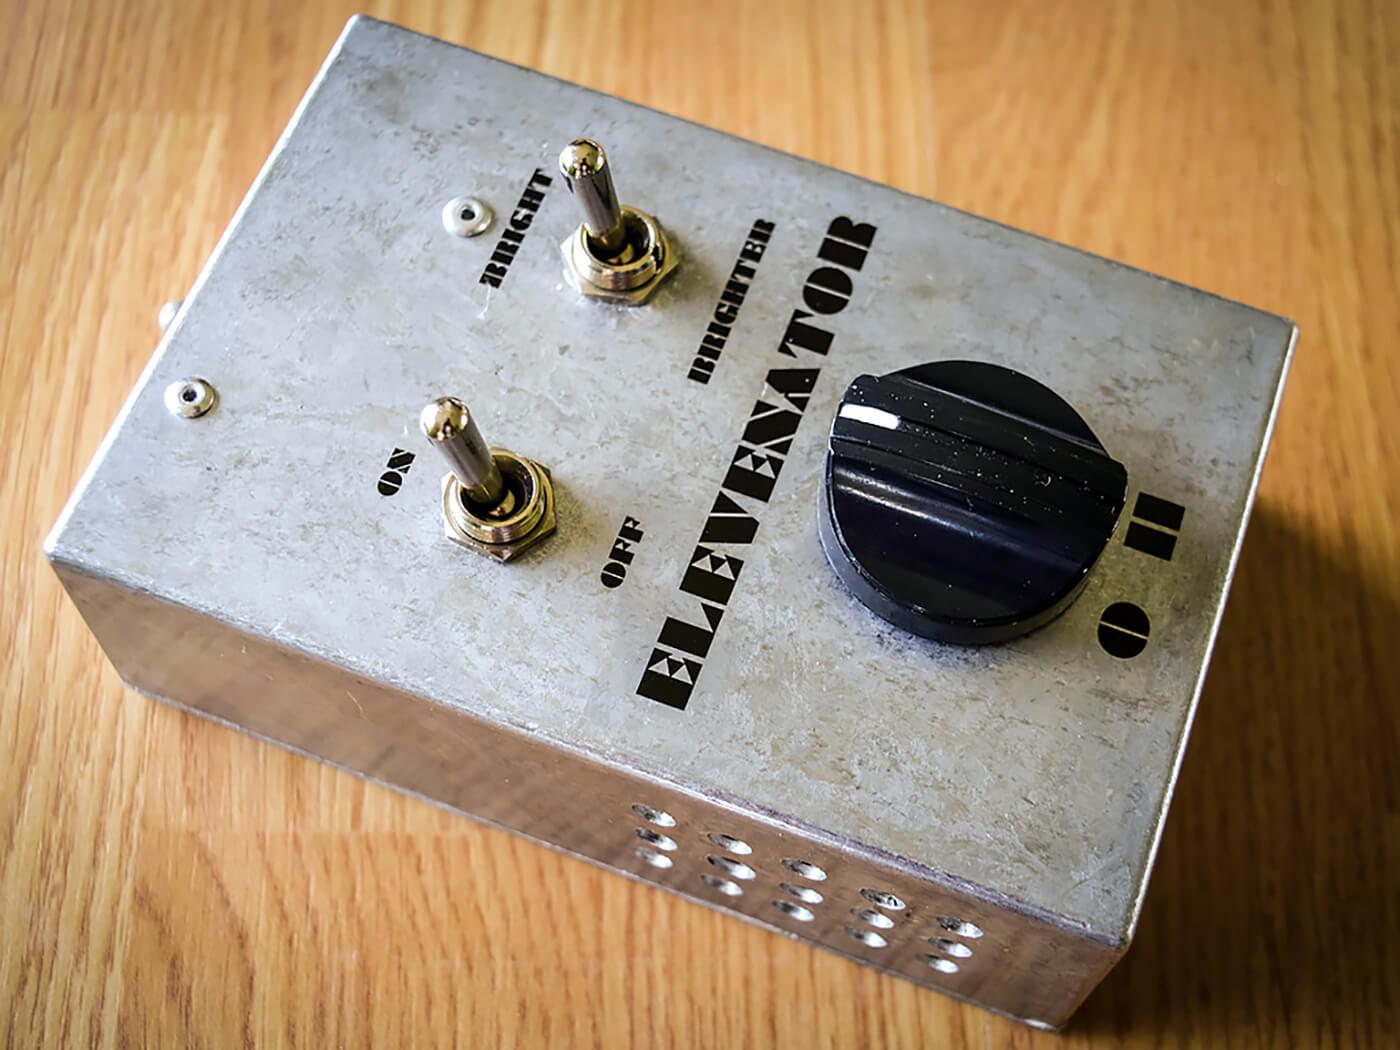 GM383 Home Recording Attenuator